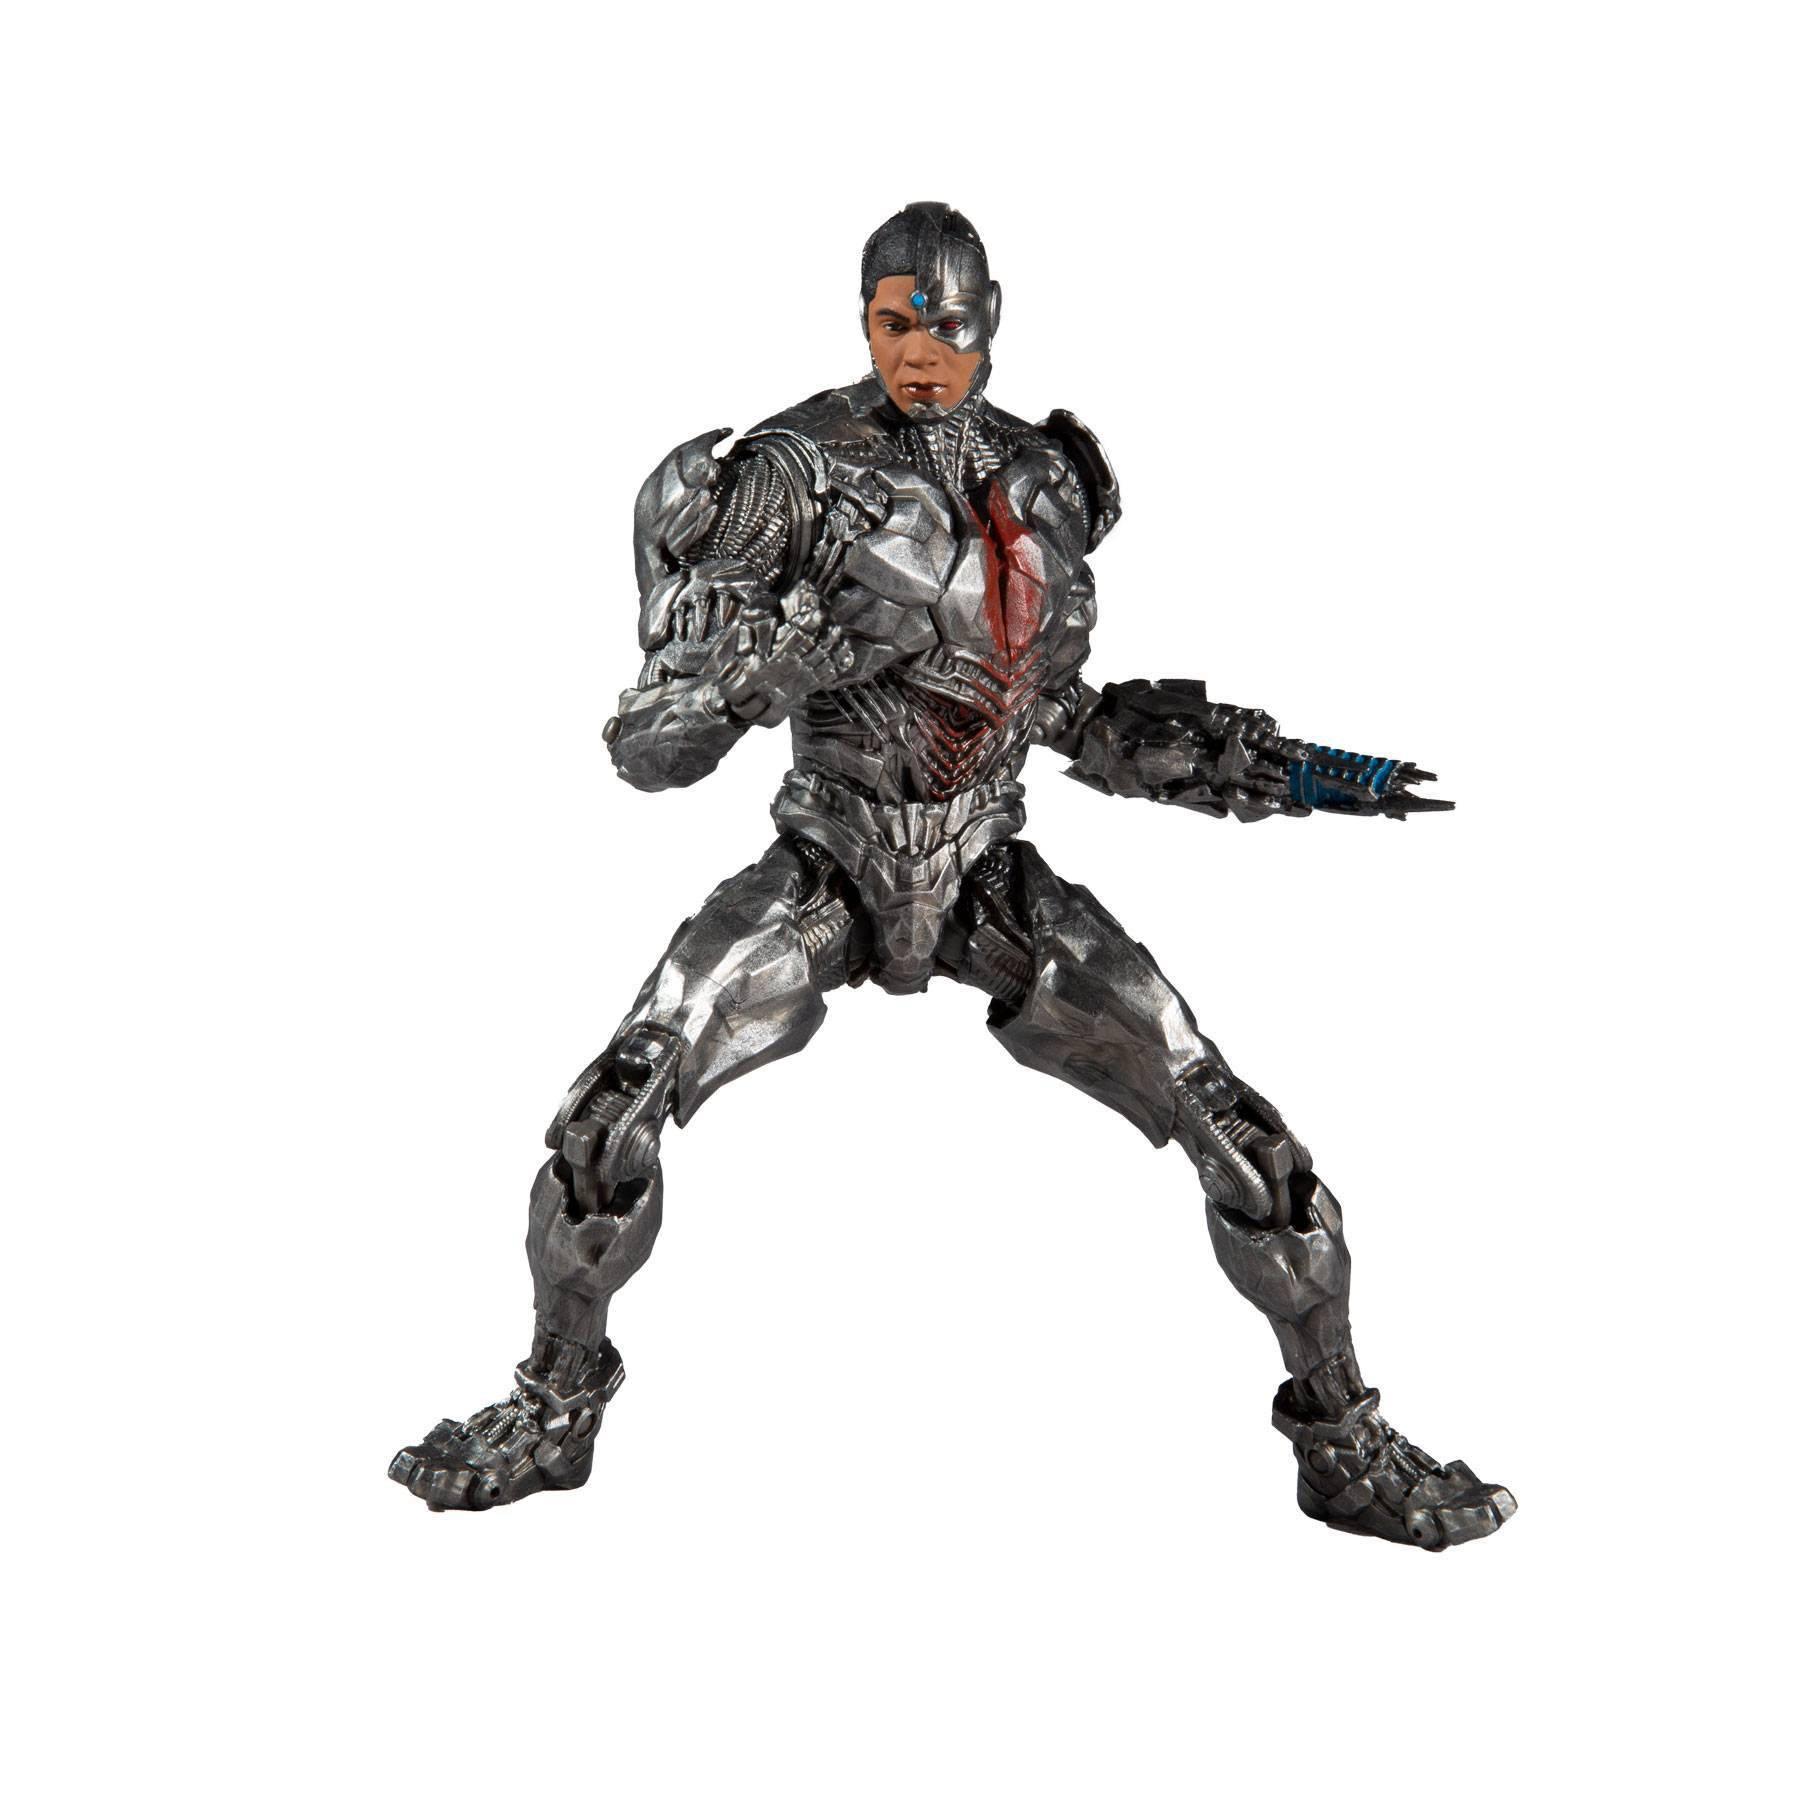 DC Justice League Movie Actionfigur Cyborg 18 cm MCF15093-3 787926150933